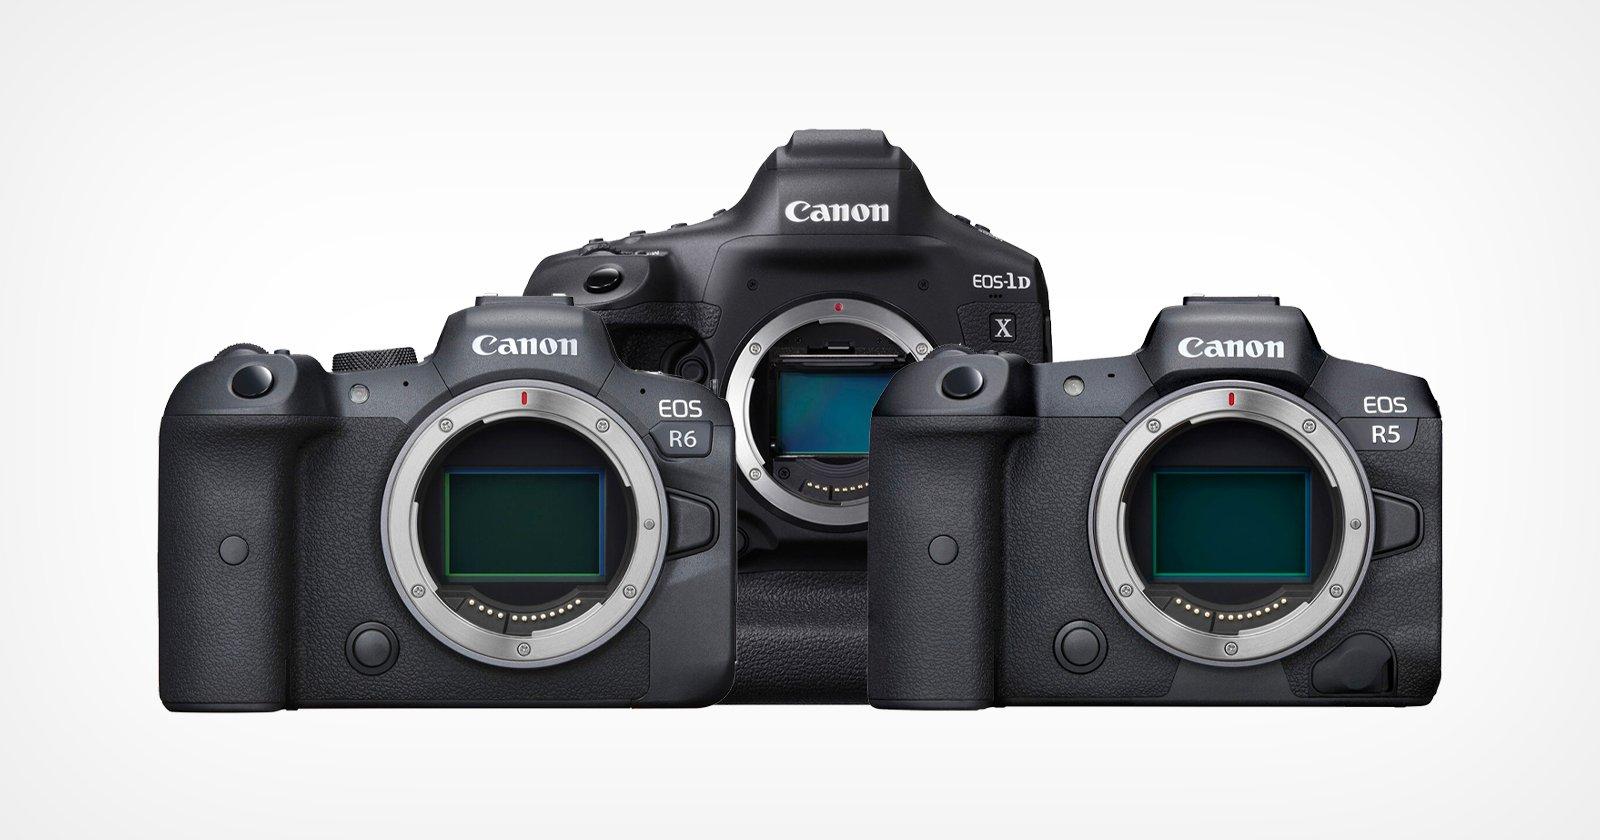 Canon aggiunge aggiornamenti del firmware focalizzati sul video per 1DX Mark III, R5, R6